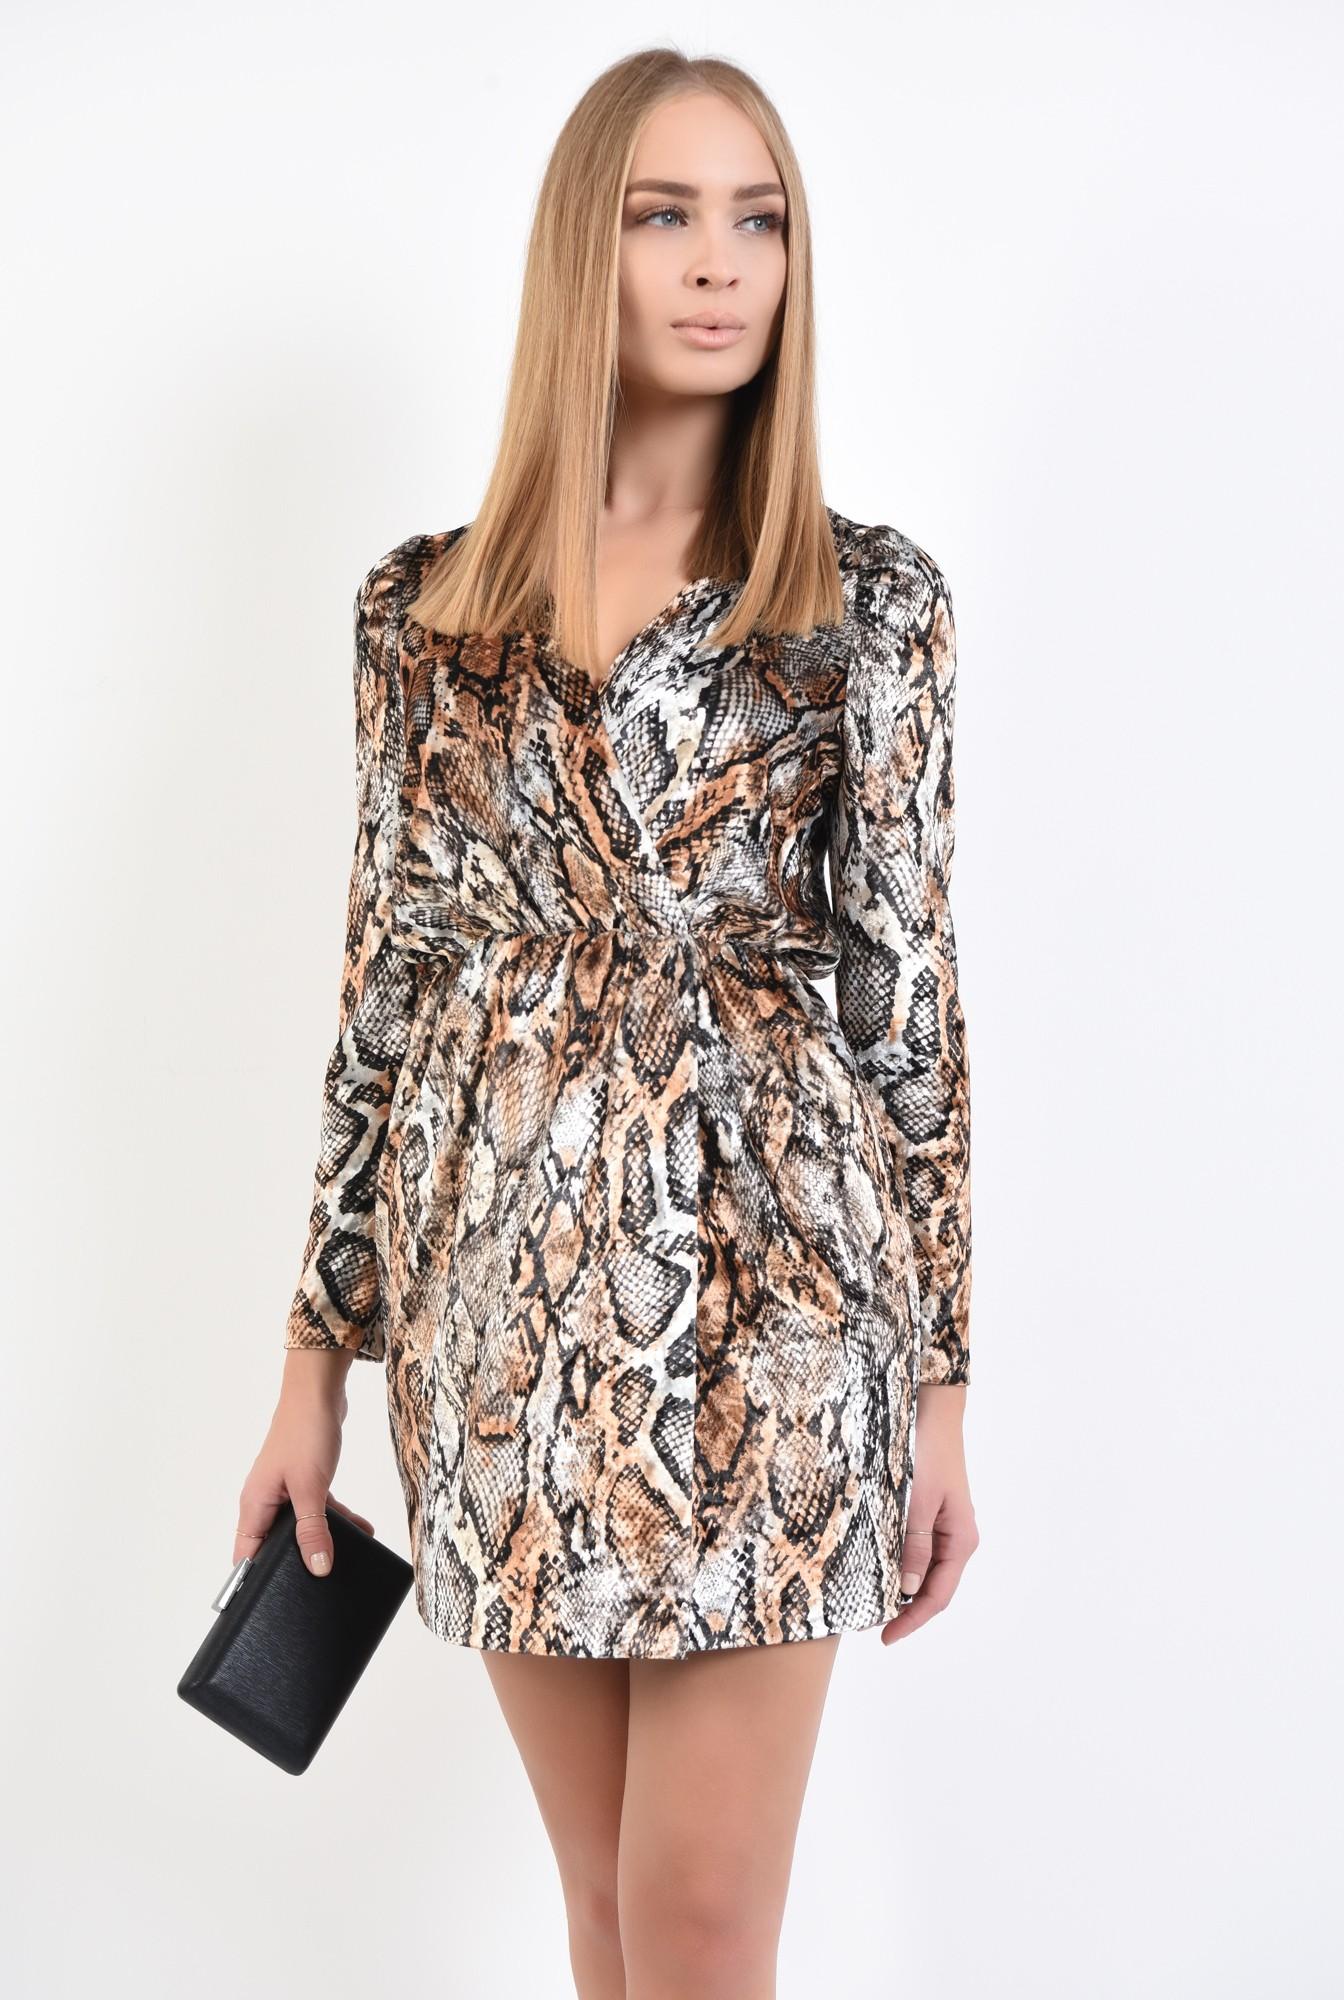 0 - rochie de seara, catifea imprimata, scurta, cu anchior, rochii online